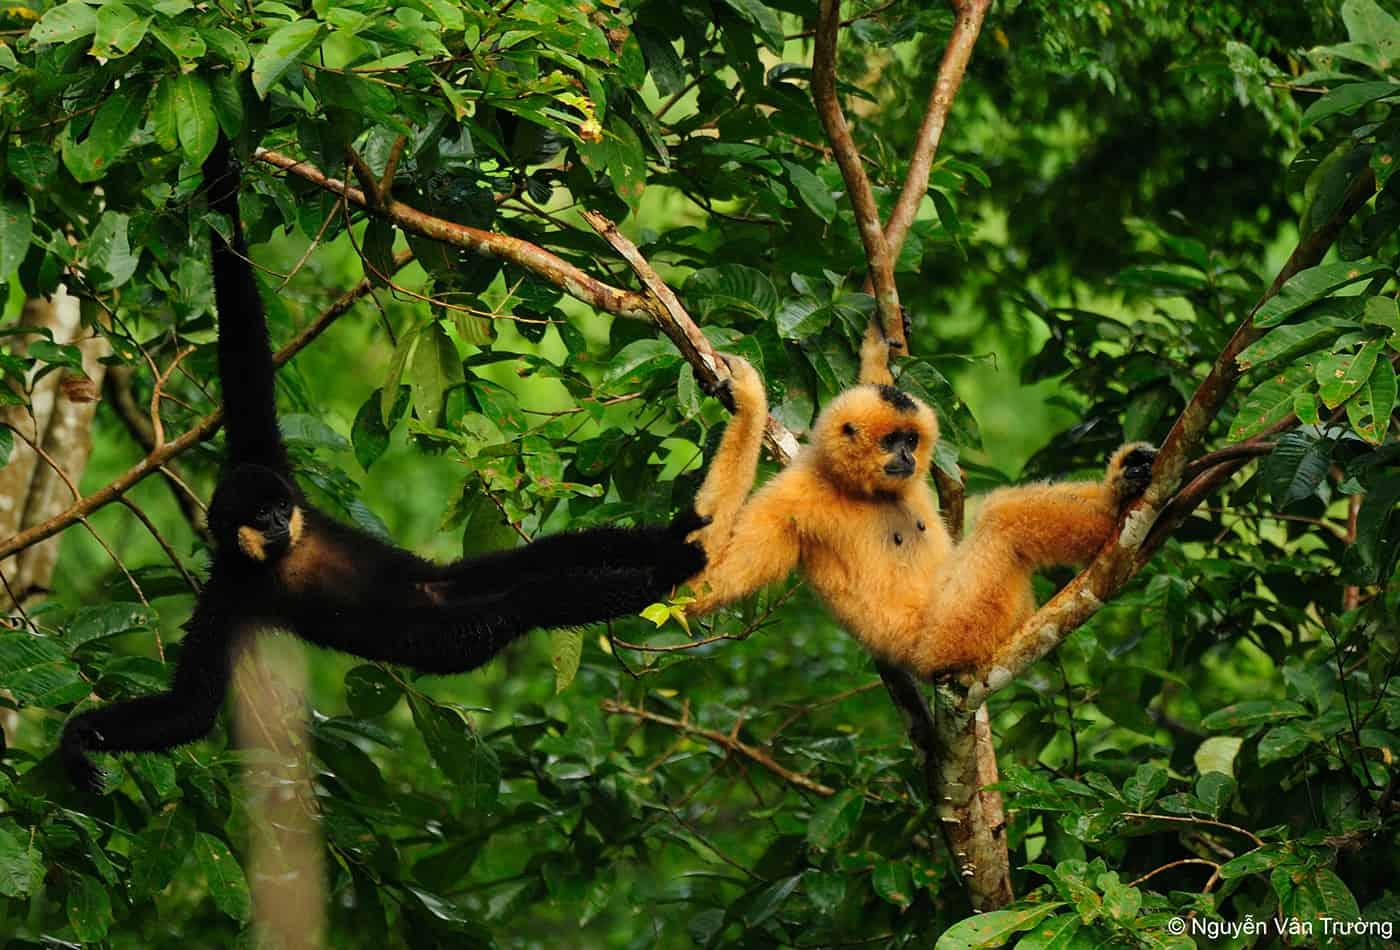 Gibbons (Foto: N.V. Truong)